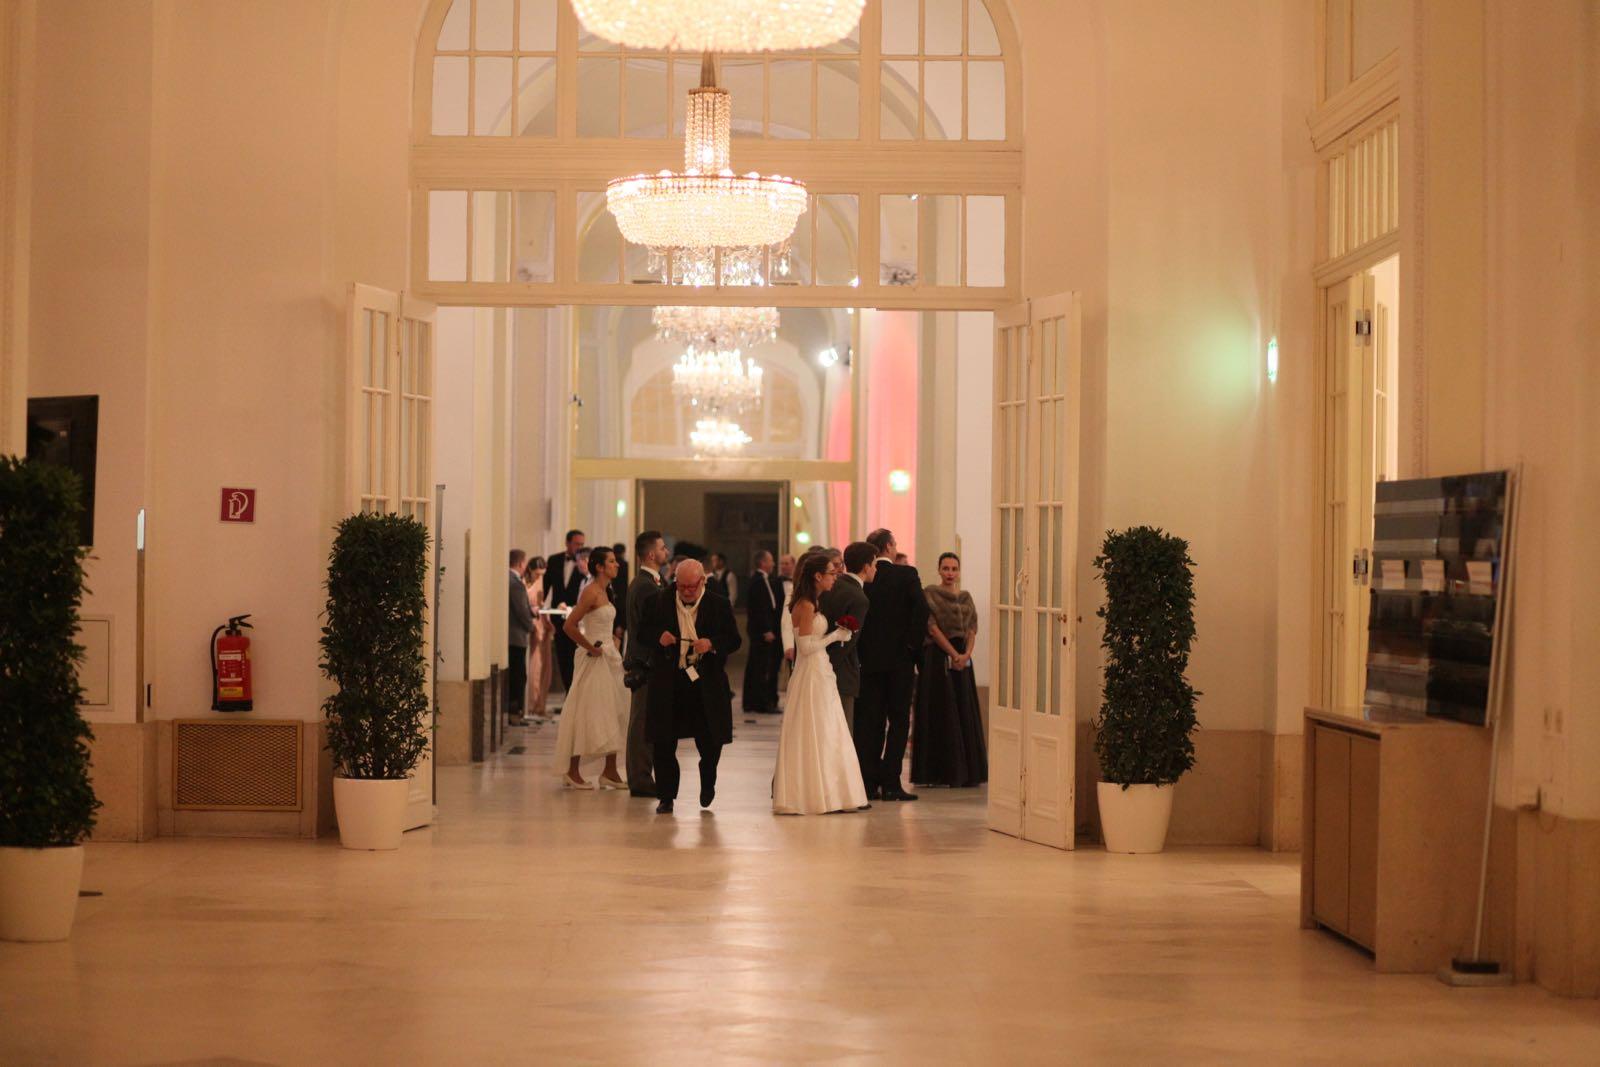 2019_01_18_Garde_BallderOffiziere_Hofburg (1) - 1 of 98